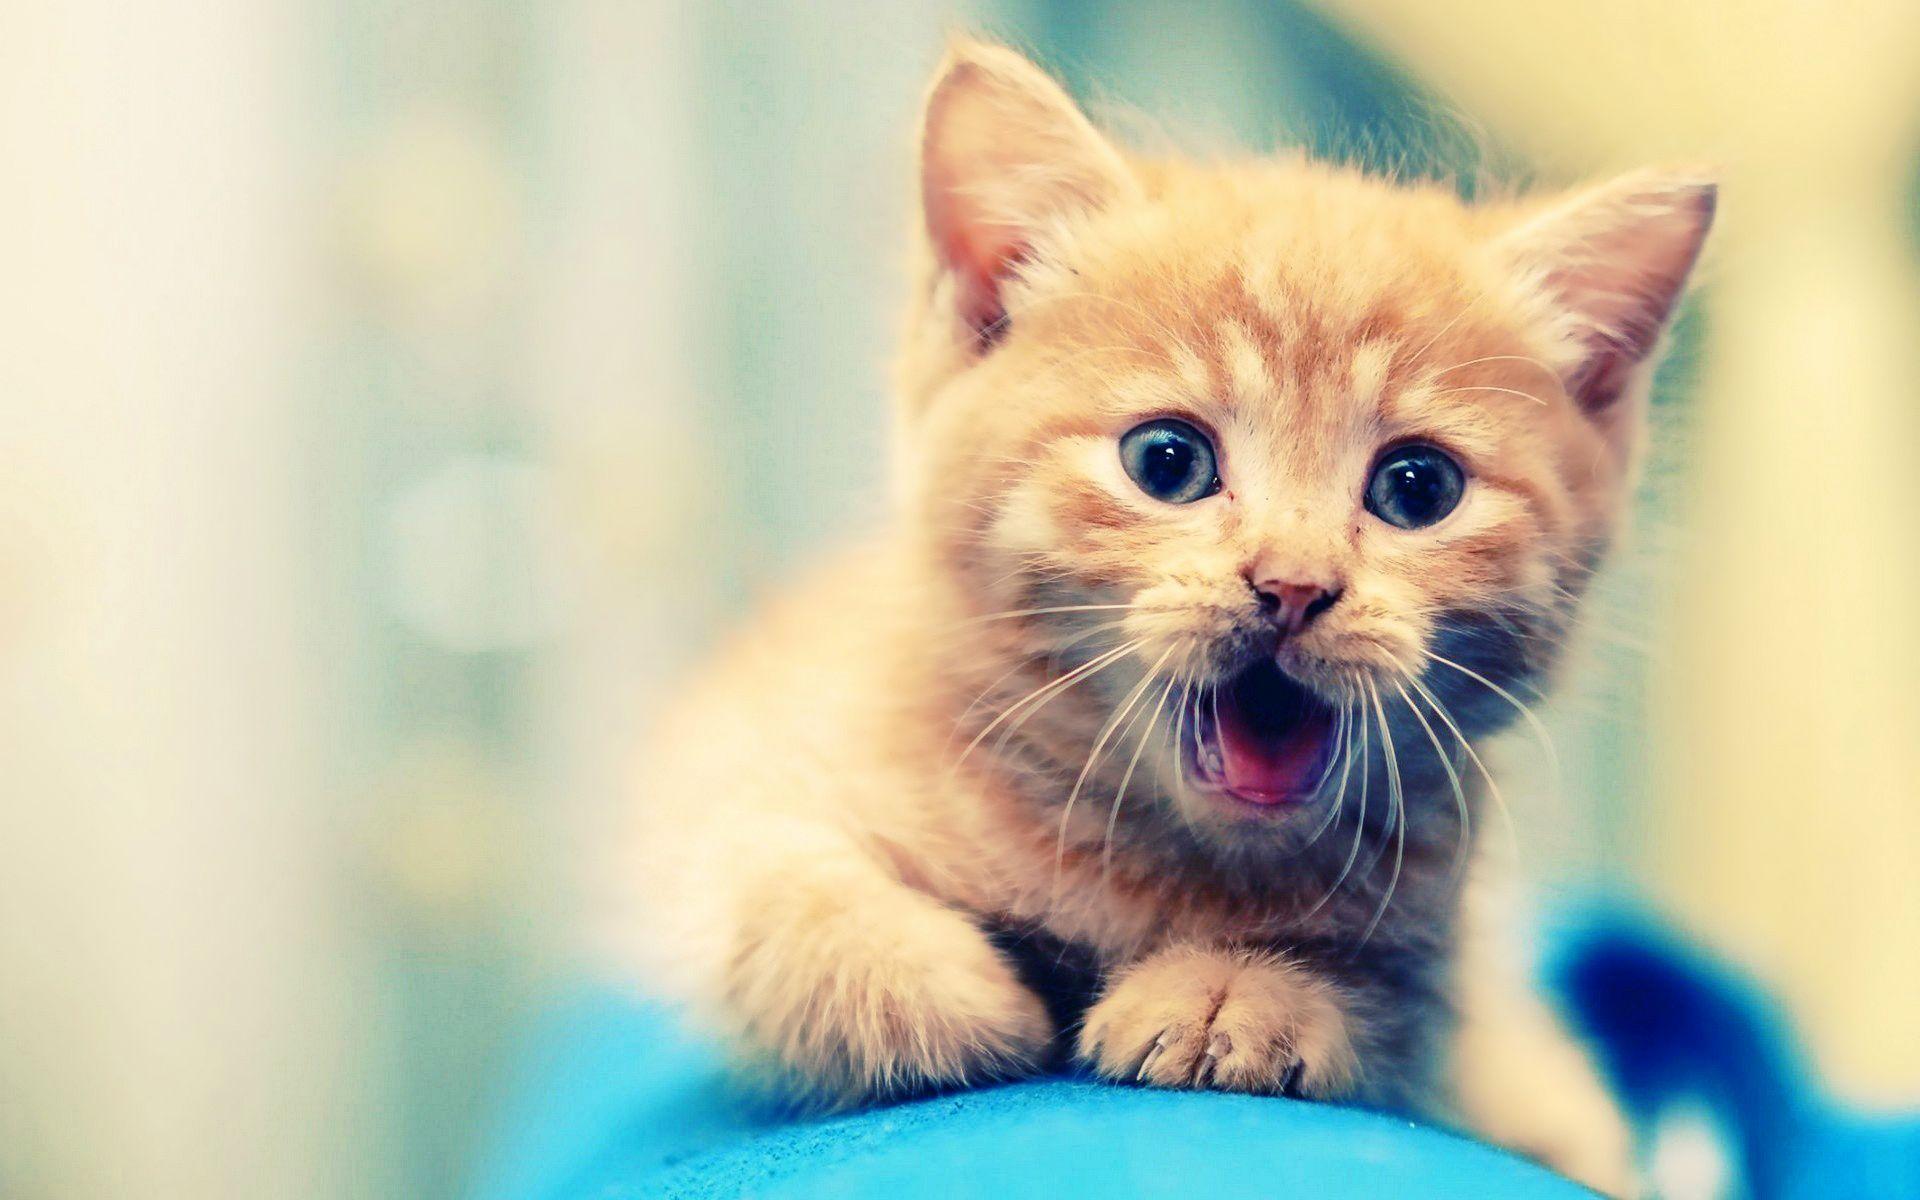 покажи мне картинки котиков эльфов